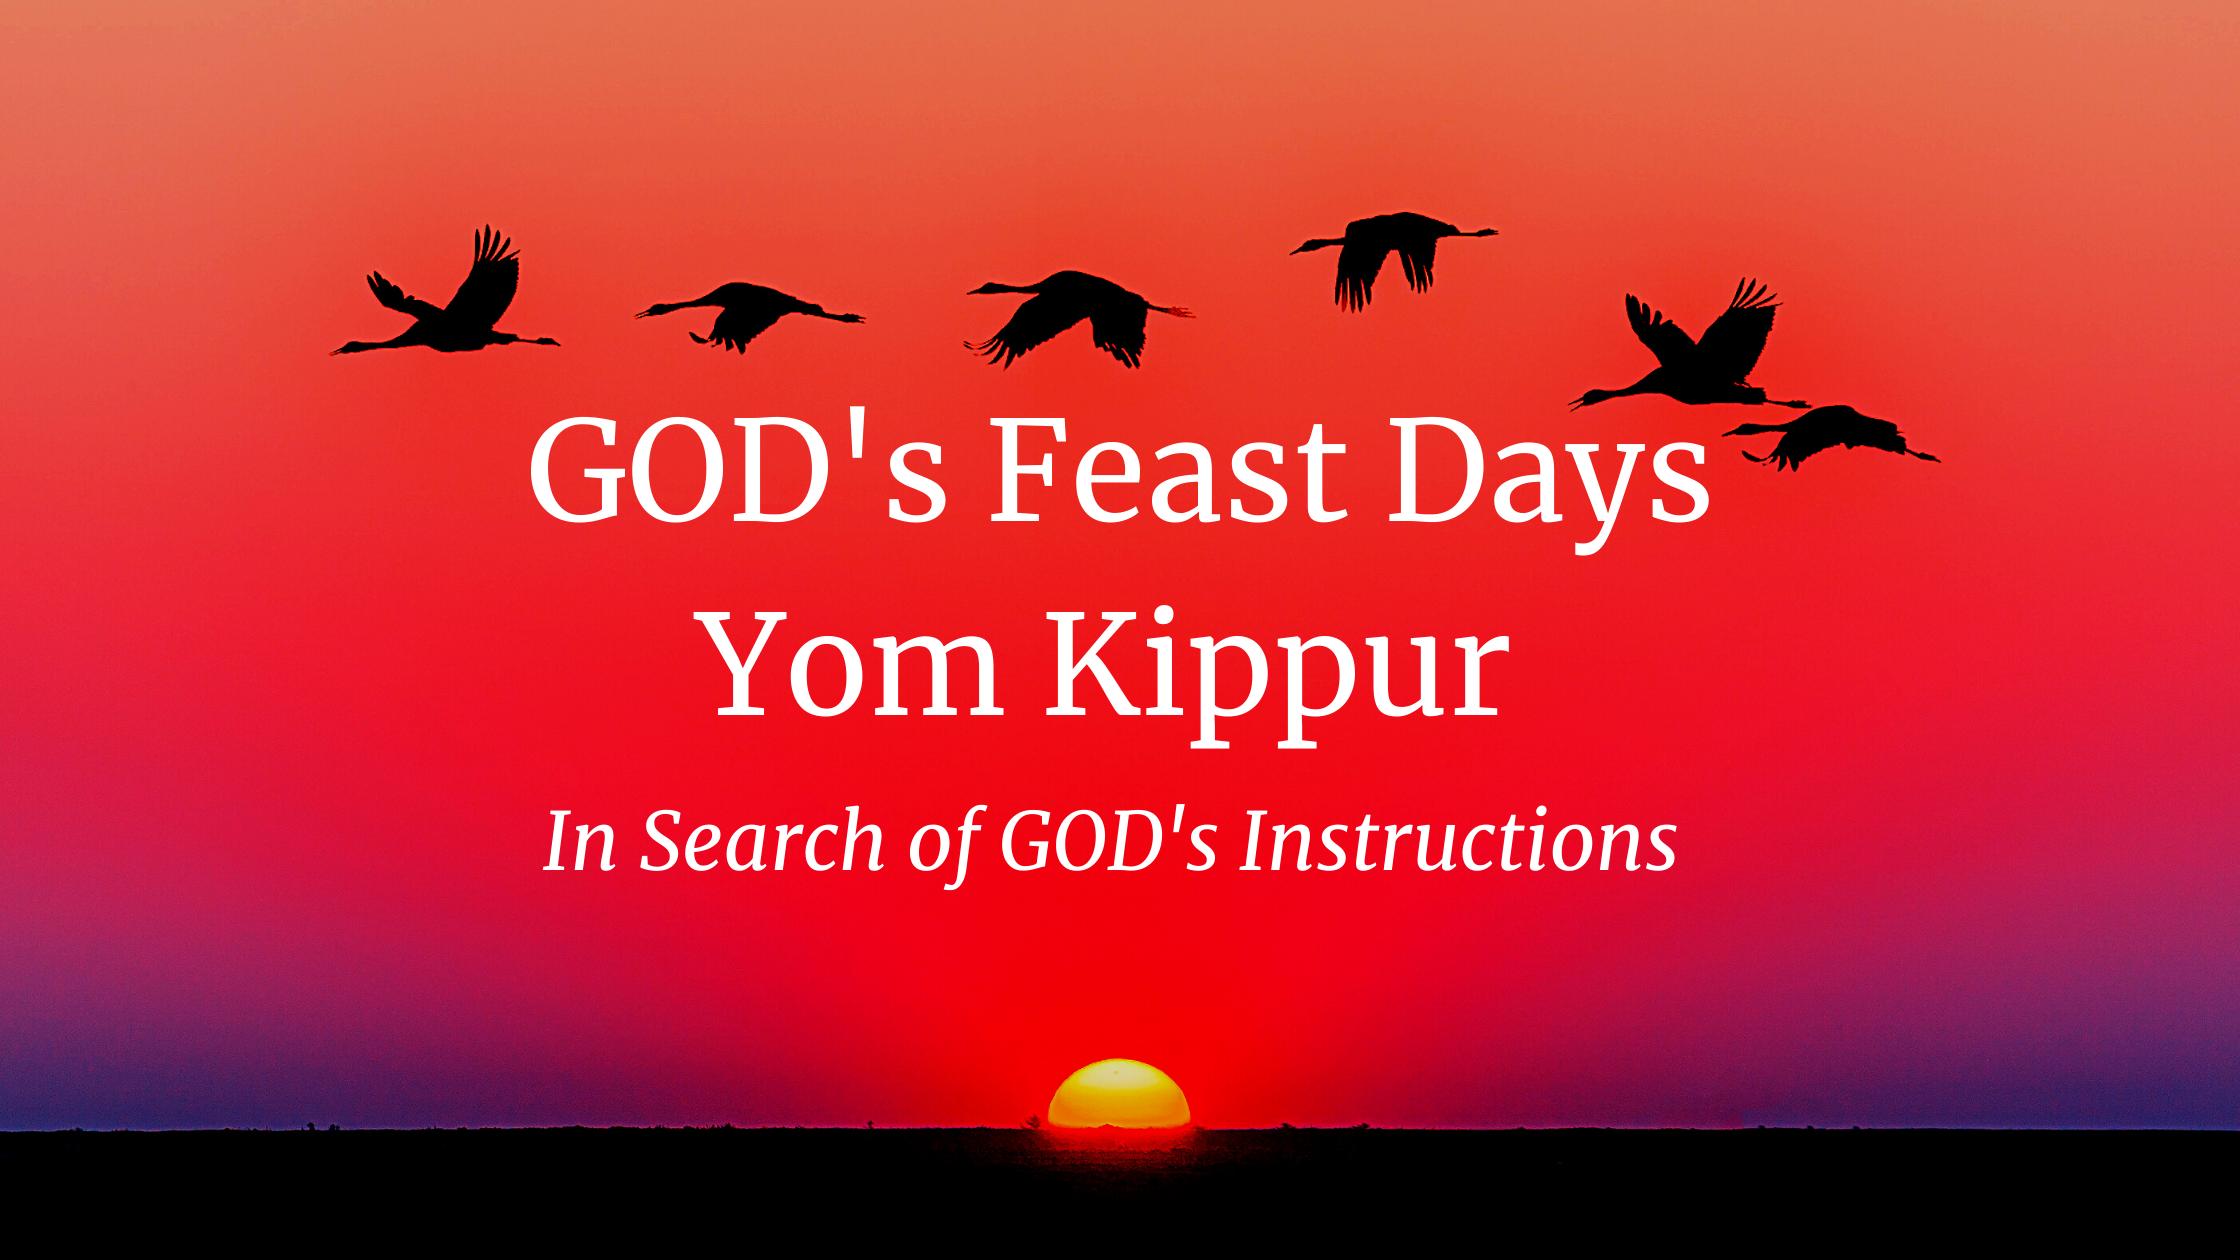 god's-feast-days-yom-kippur-graphic